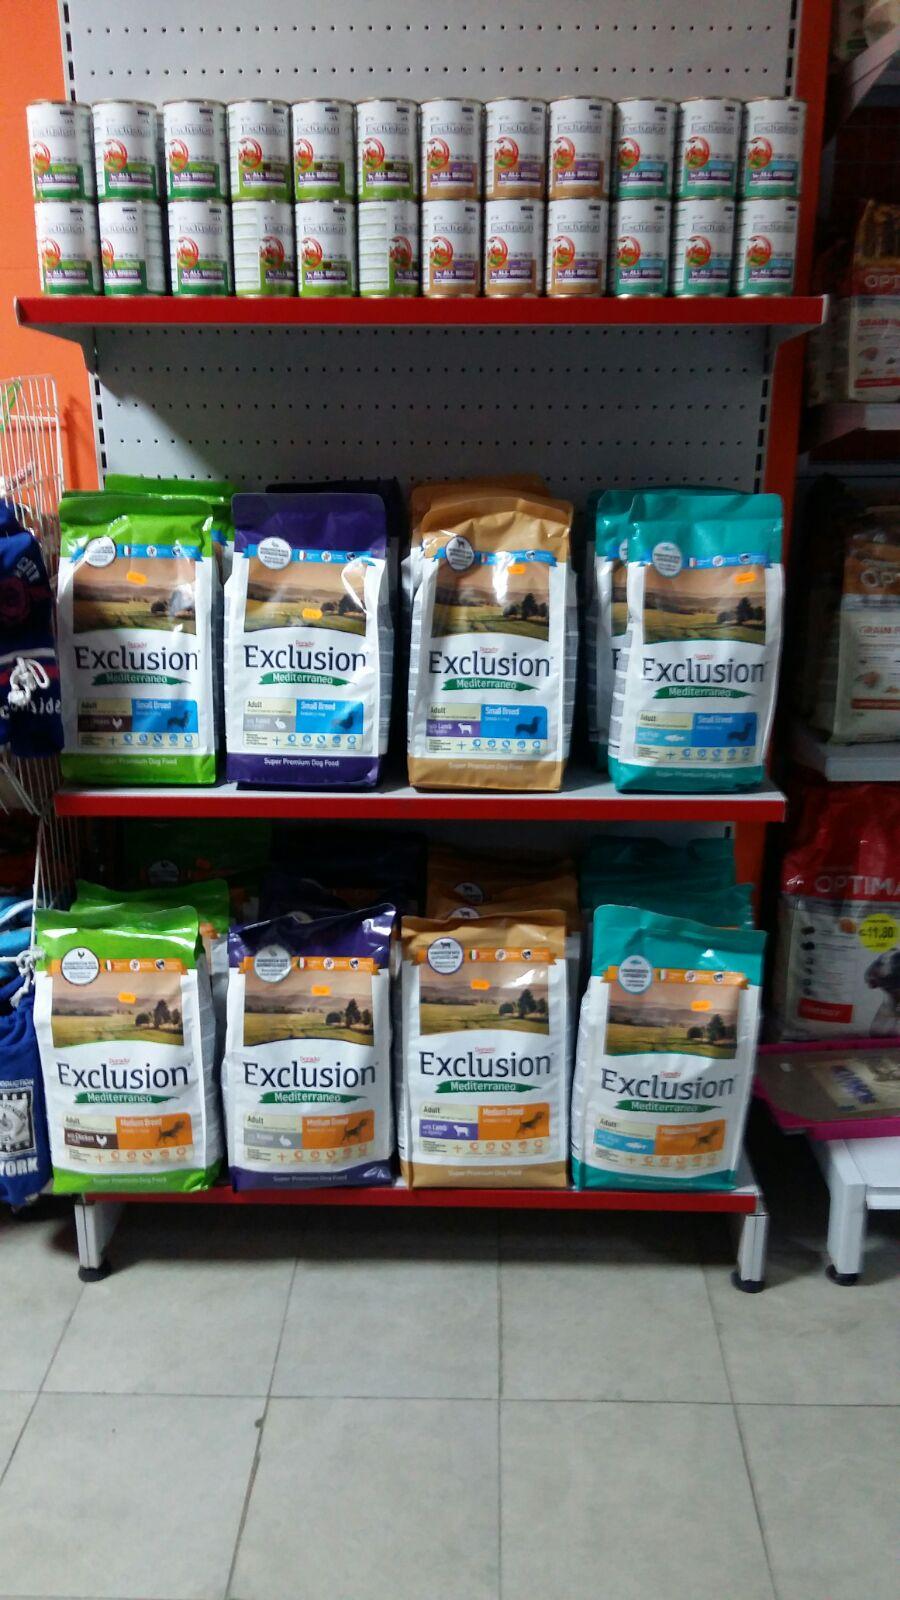 Delle mensole con delle confezioni di mangime per gli animali della marca Exclusion